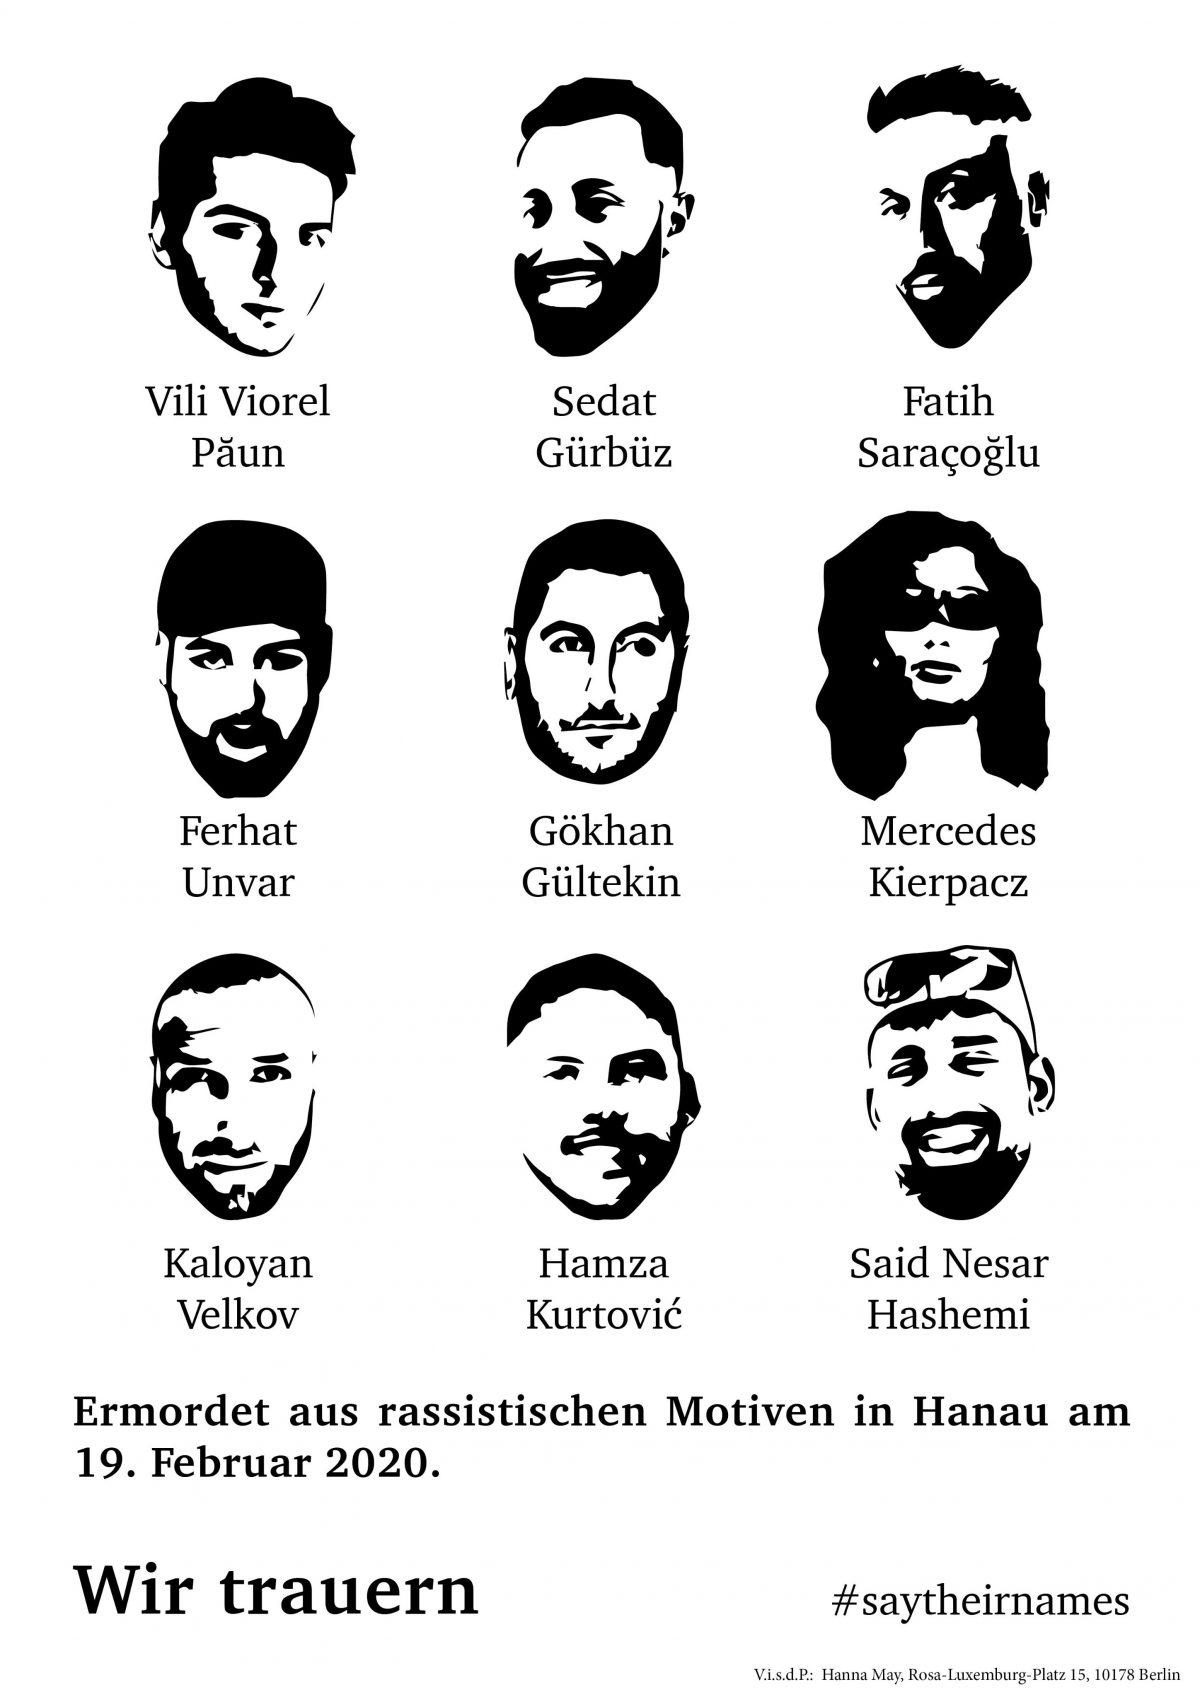 8. Mai: Im Gedenken an die Opfer, Überlebenden und Hinterbliebenen des Anschlags in Hanau